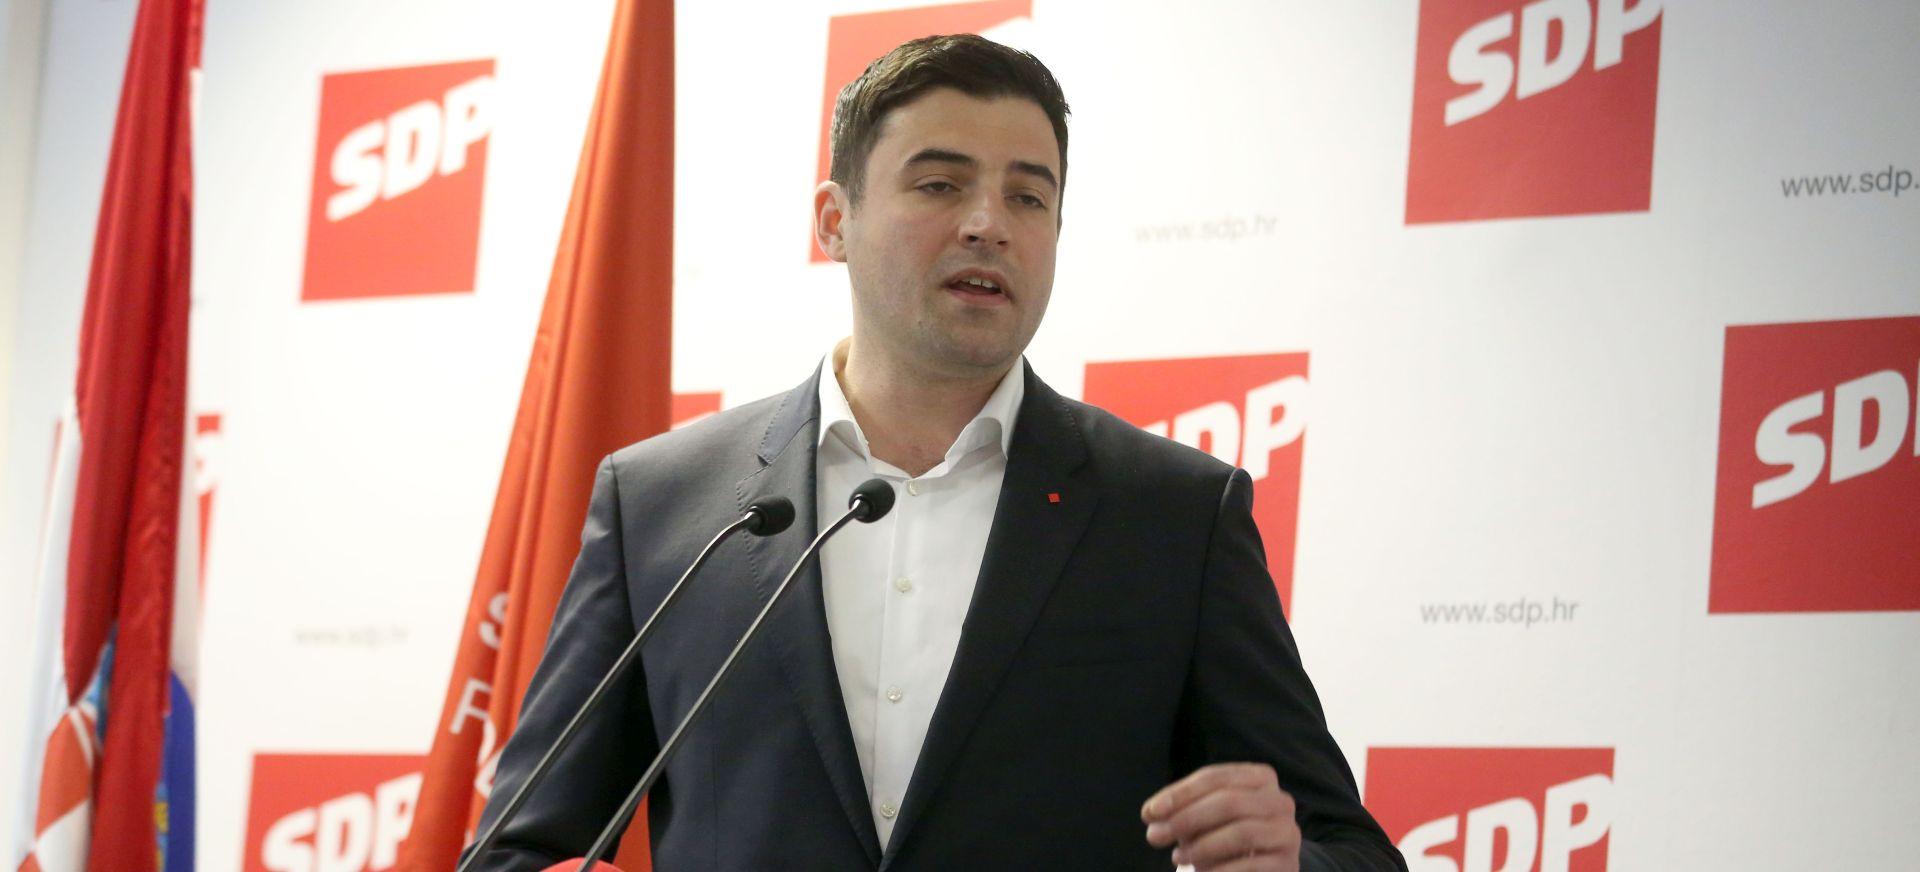 """BERNARDIĆ: """"Plenković je neodlučan i nesposoban, sakrio se iza skuta Zvonka Kusića"""""""